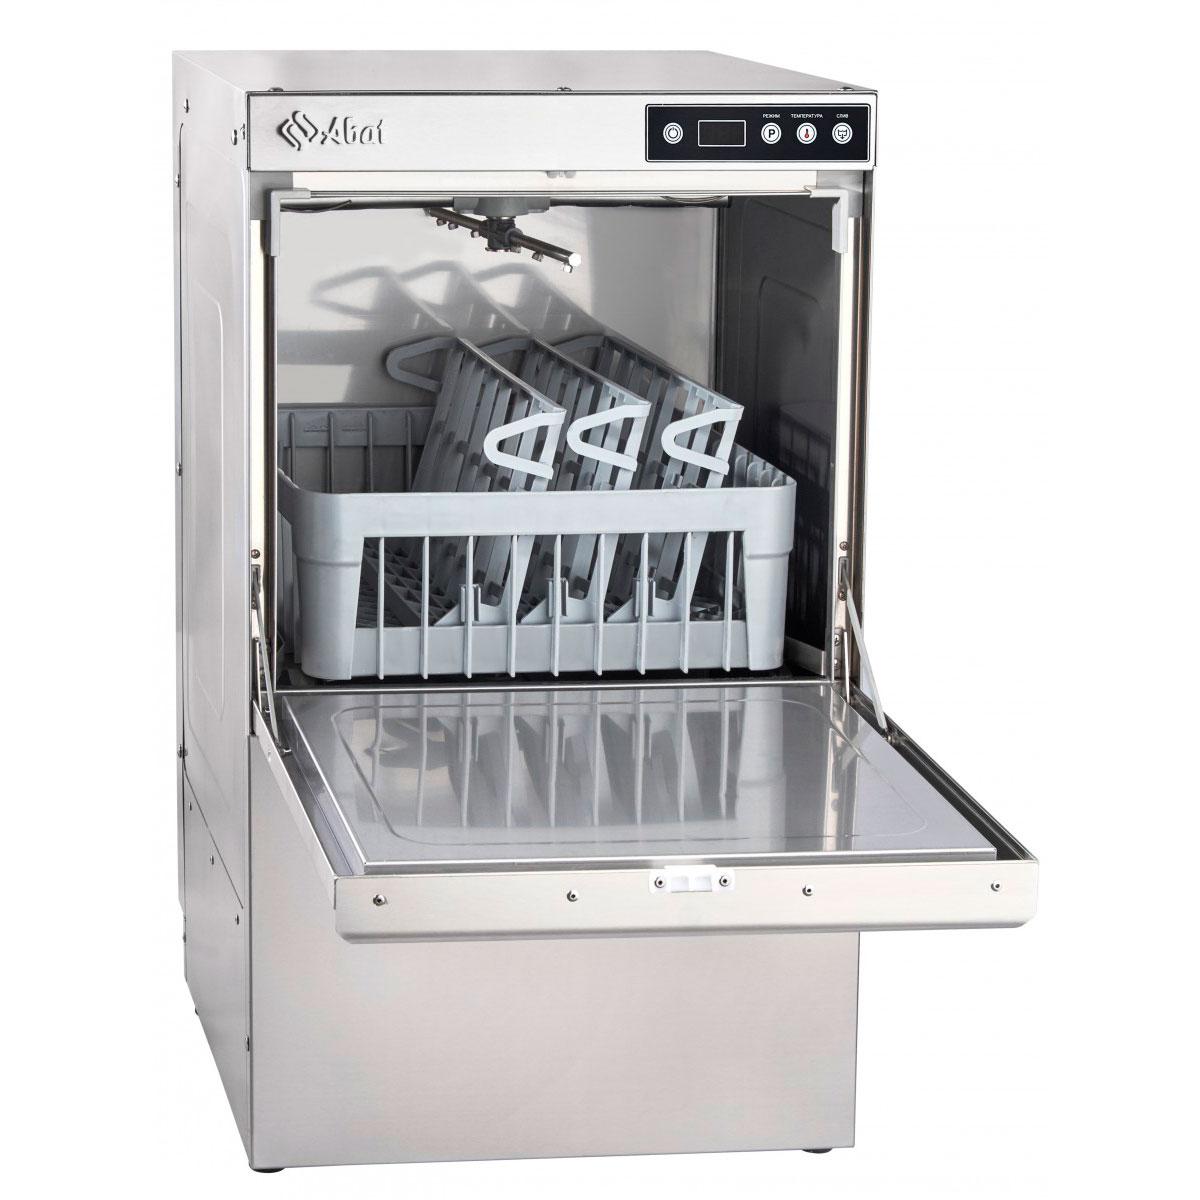 Премьера: стаканомоечная машина МПК-400Ф торговой марки «Abat»!